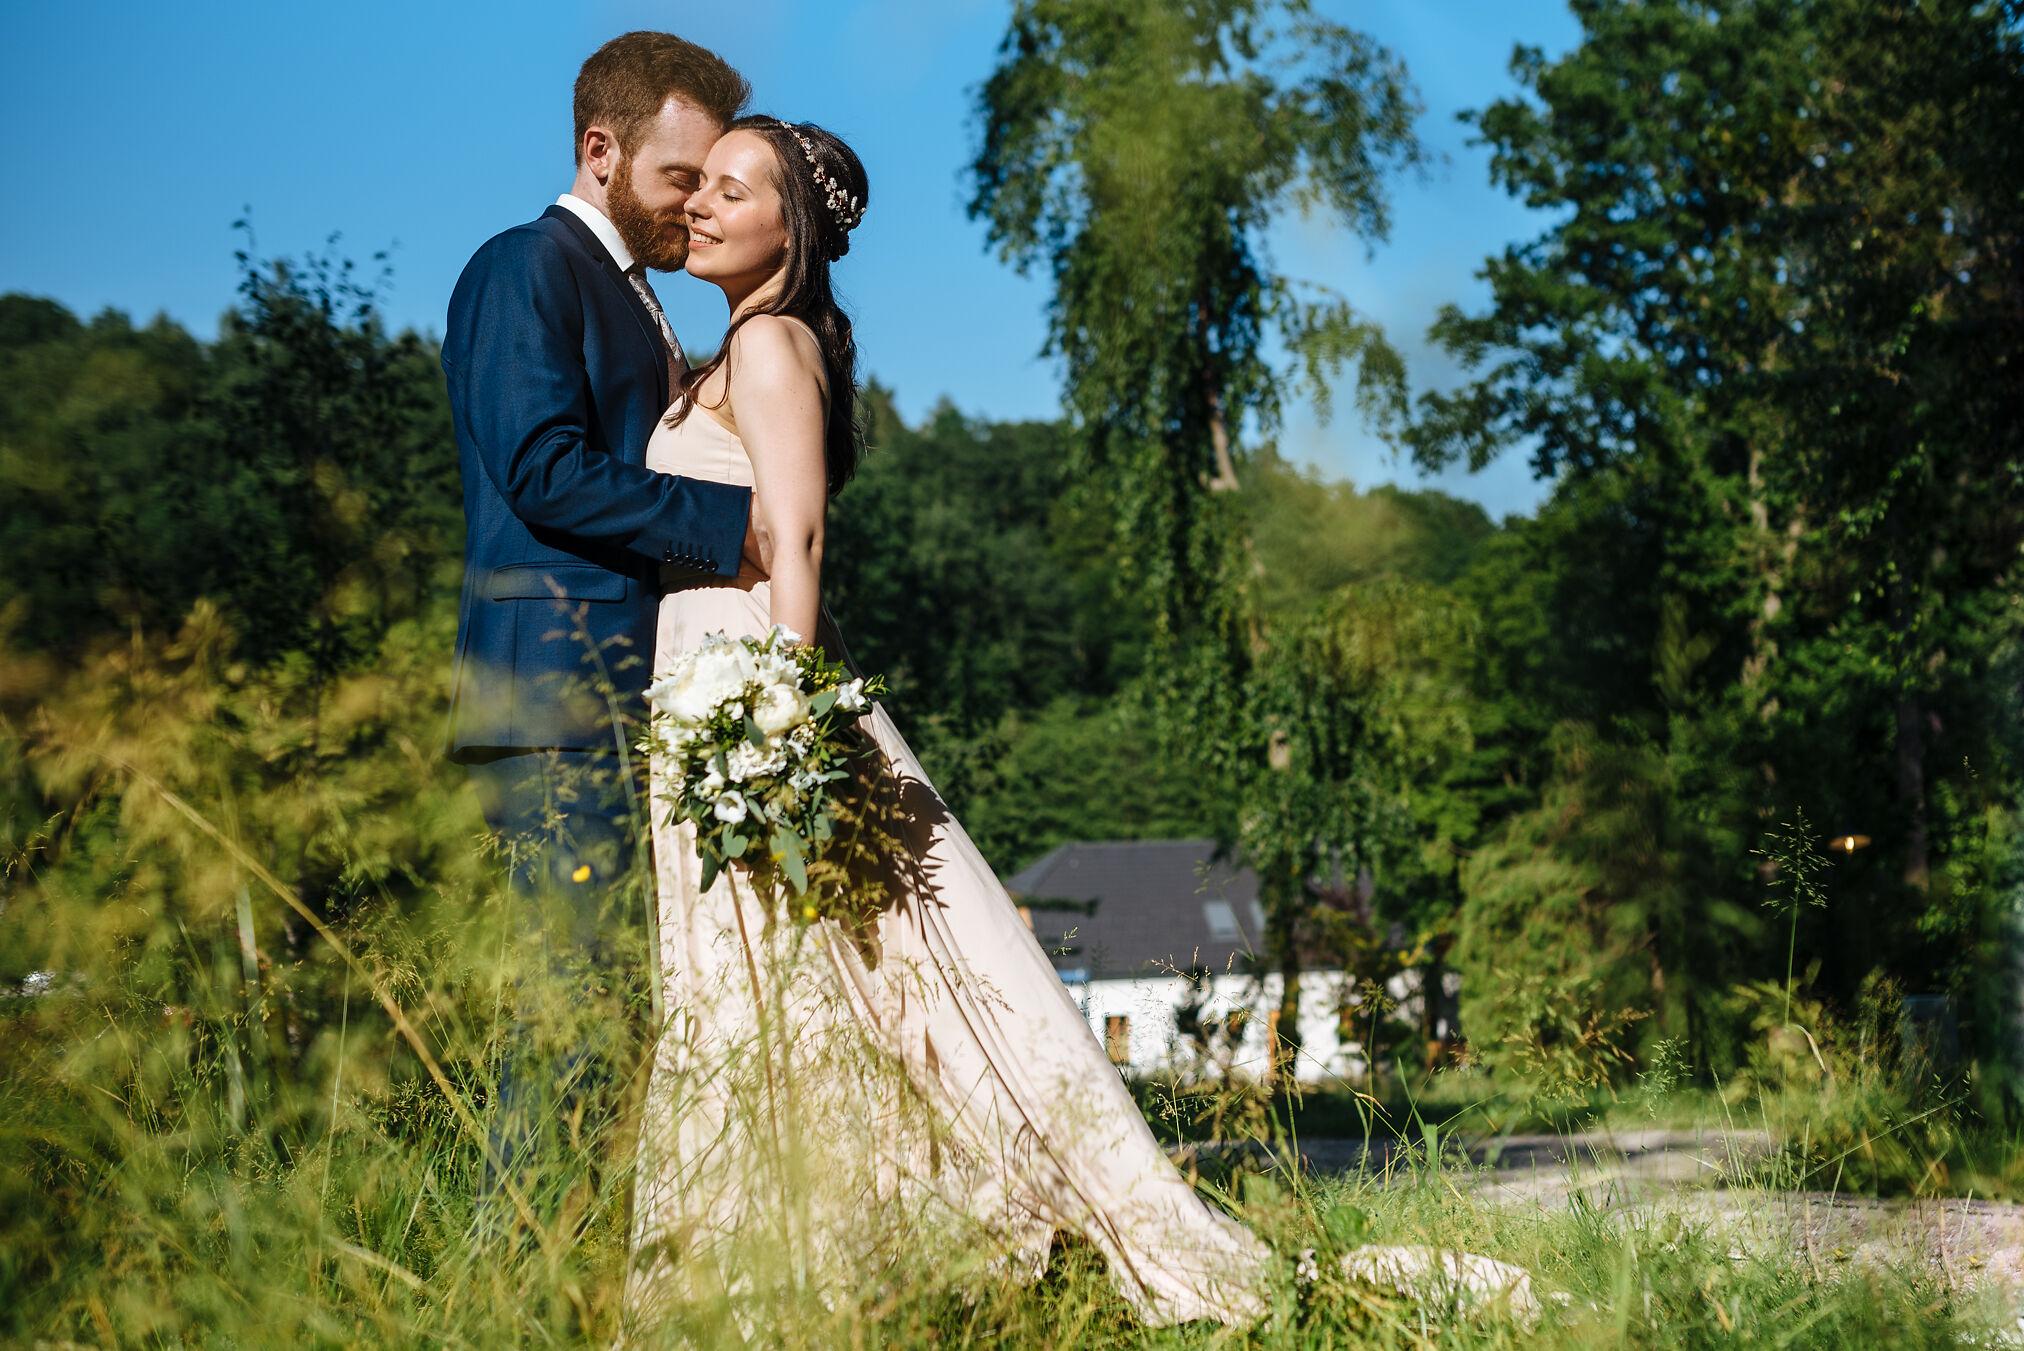 Hochzeit-Garten-Denoti-24.jpg